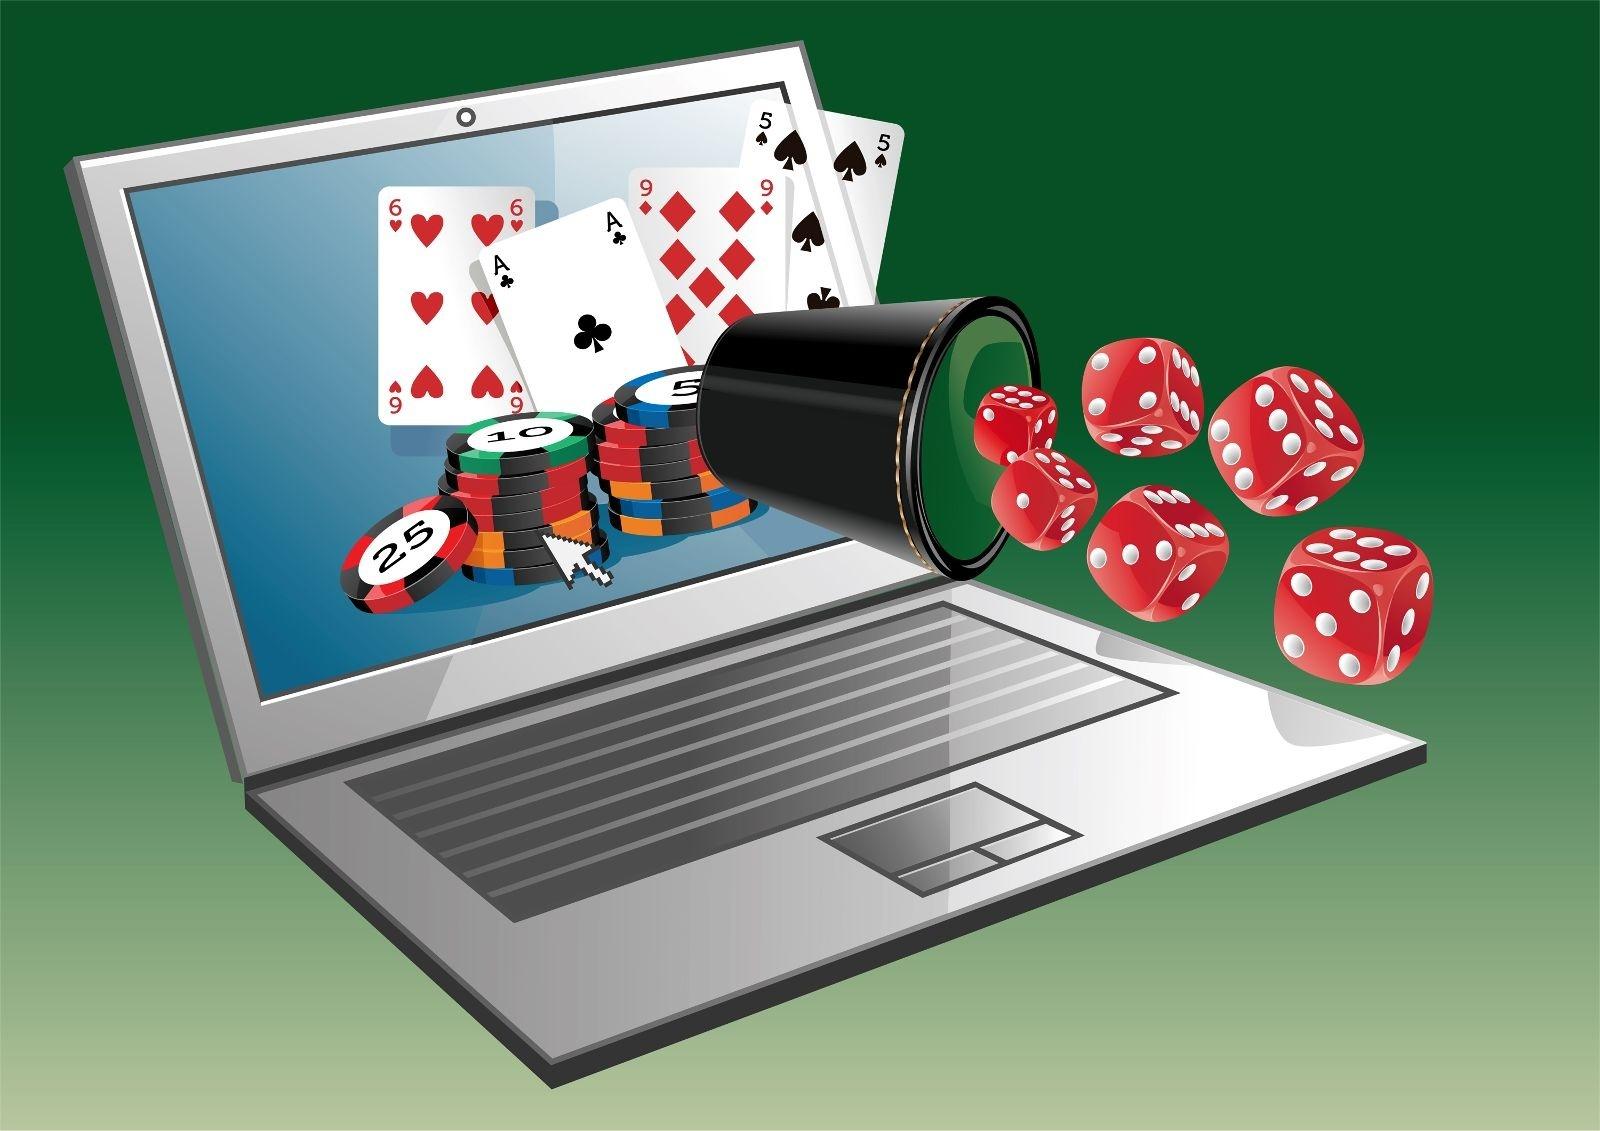 Black gambling game jack poker yourbestonlinecasino com gambling games types